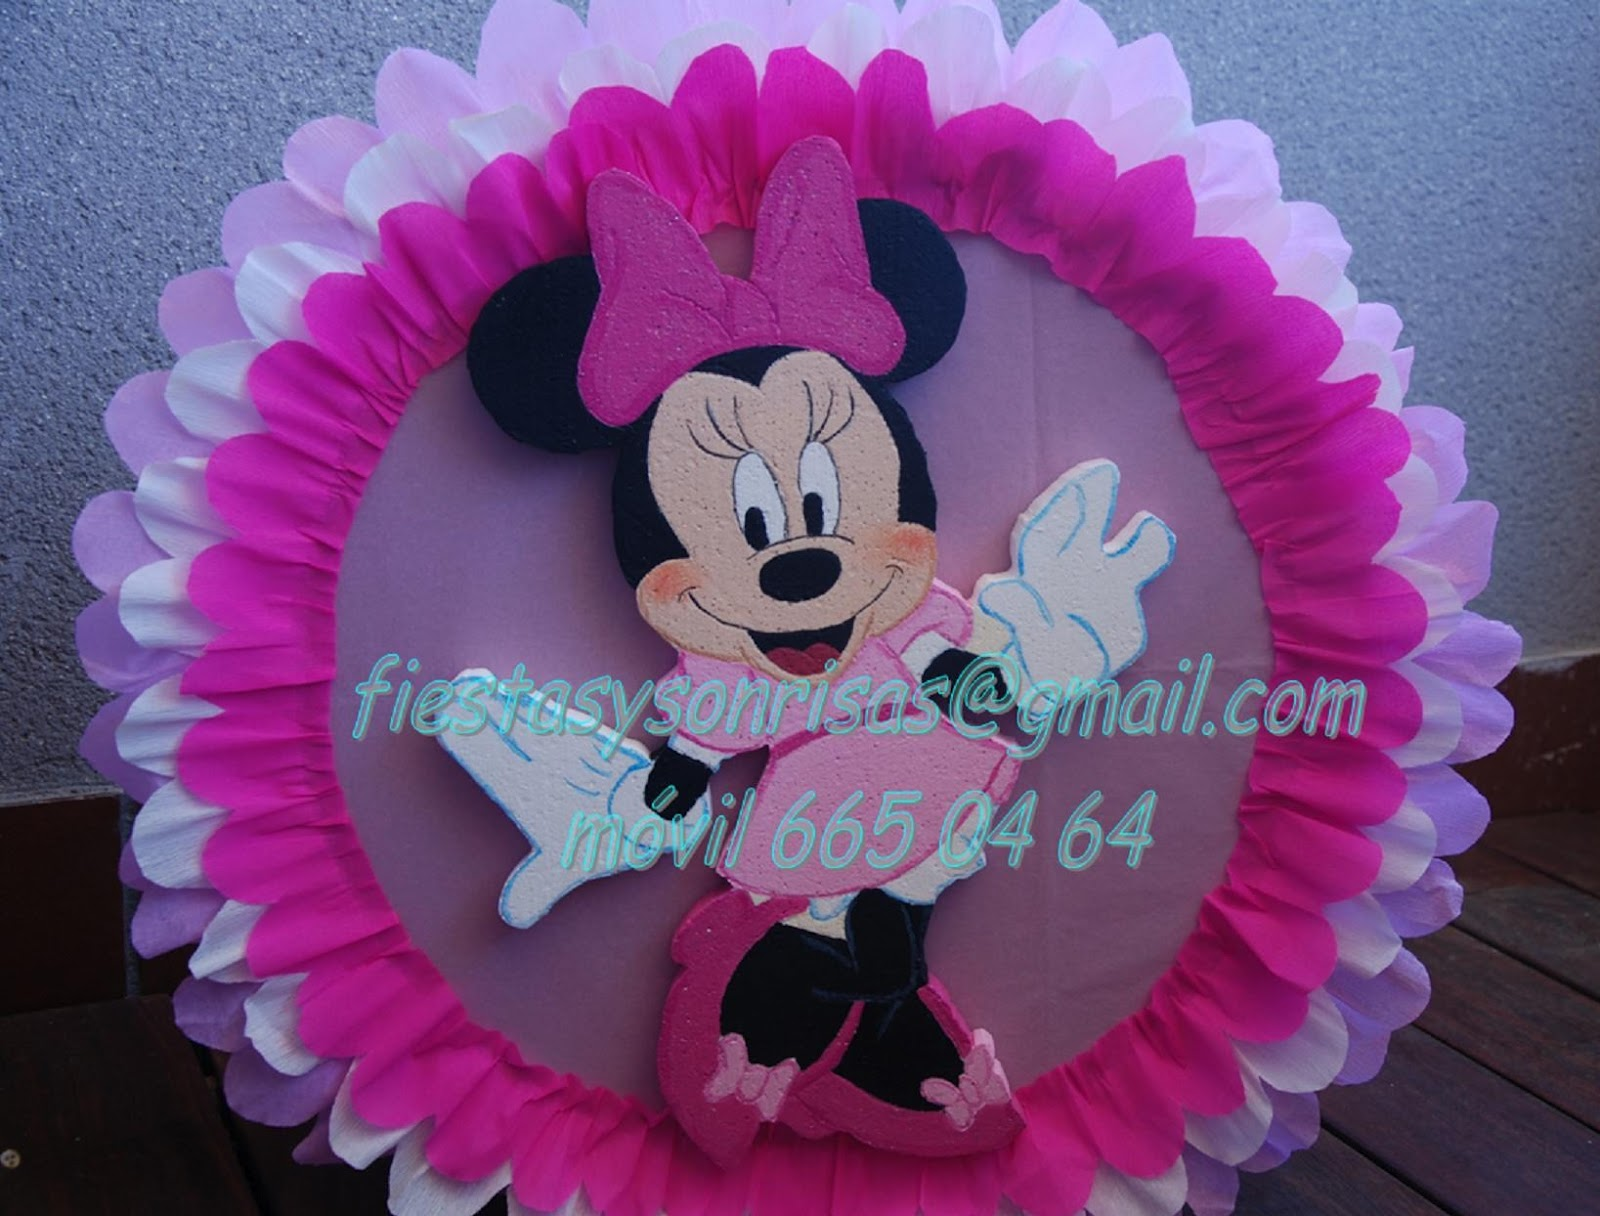 Pin cumplea os de minnie fiestas infantiles decoracion for Decoracion de minnie mouse